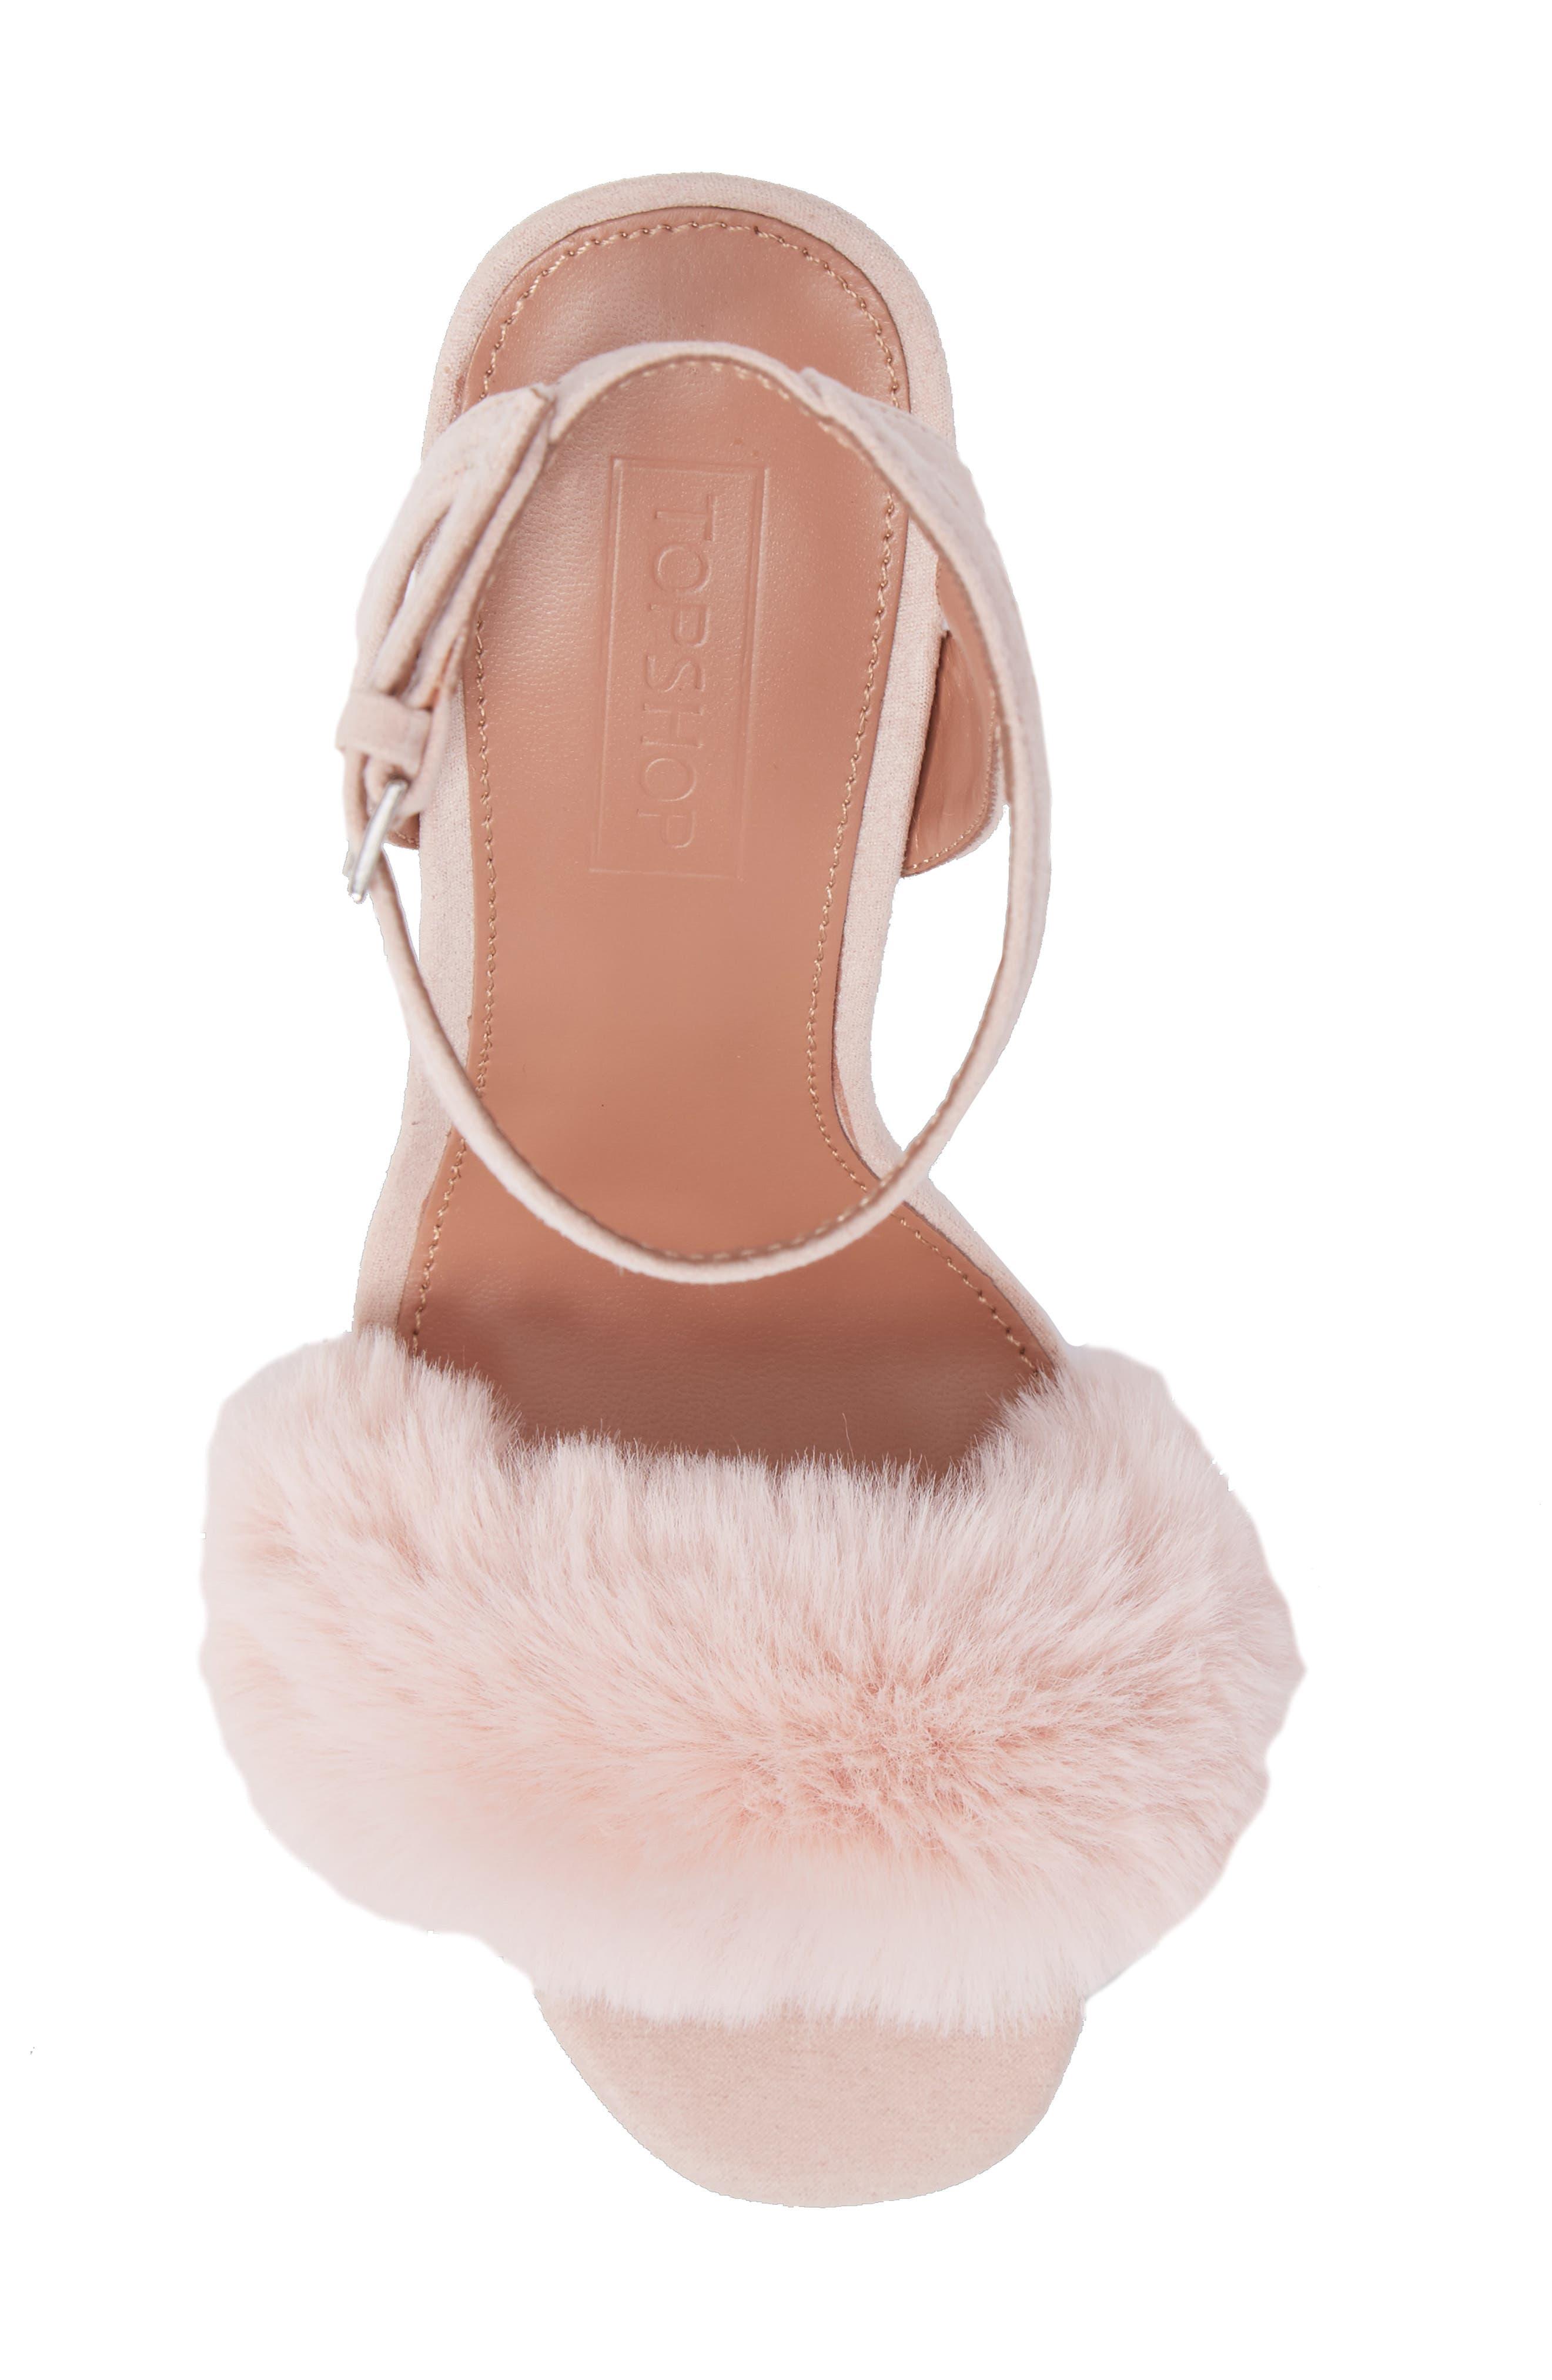 Maison Faux Fur Block Heel Sandal,                             Alternate thumbnail 5, color,                             250